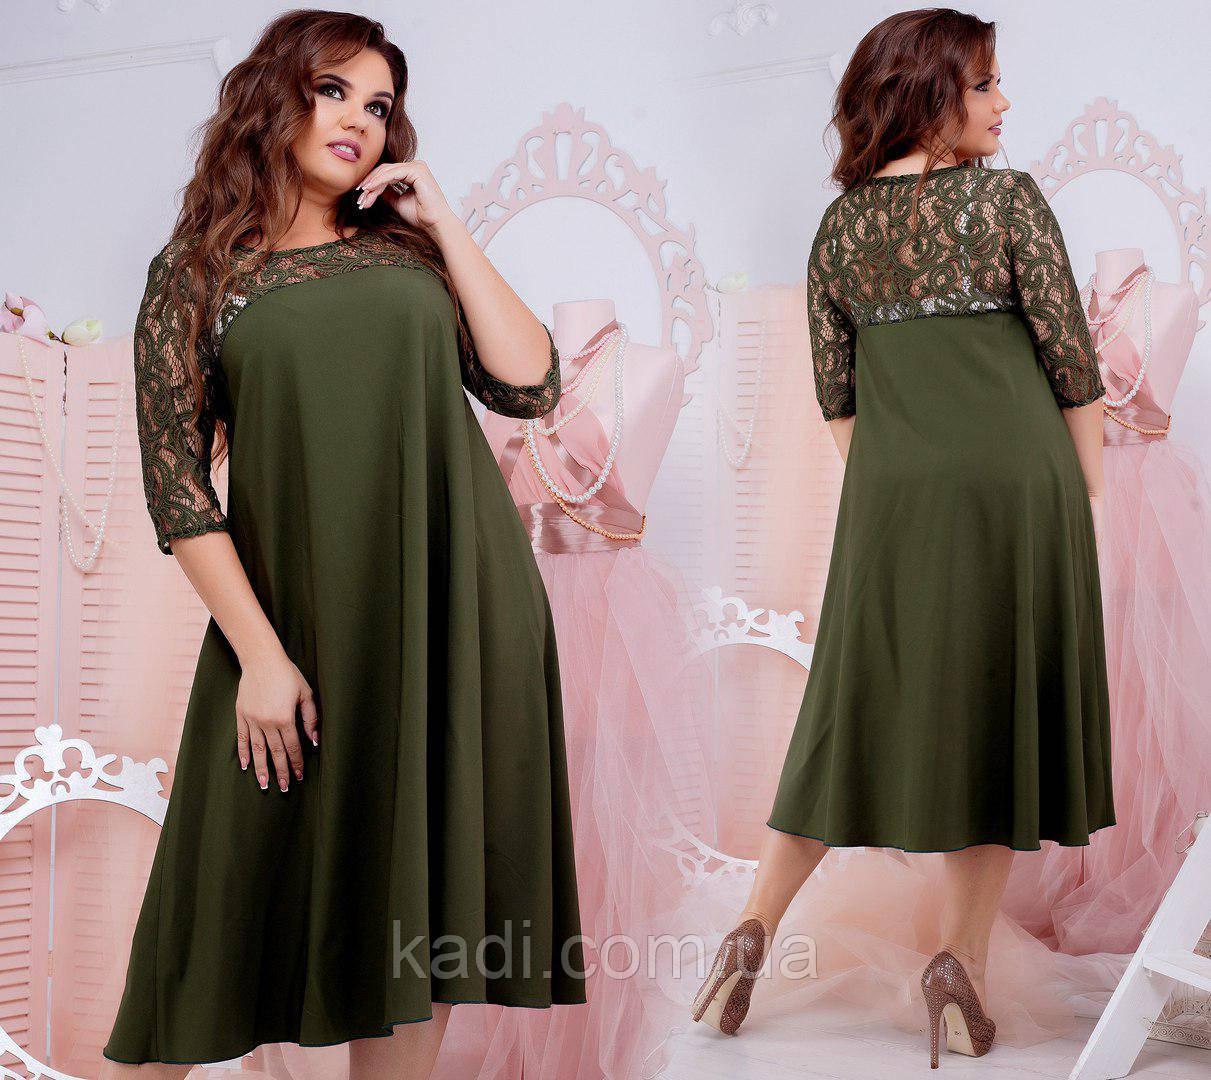 946c7bfbe785 Женское платье с гипюром - Titova- магазин женской одежды. Showroom  ТЦ